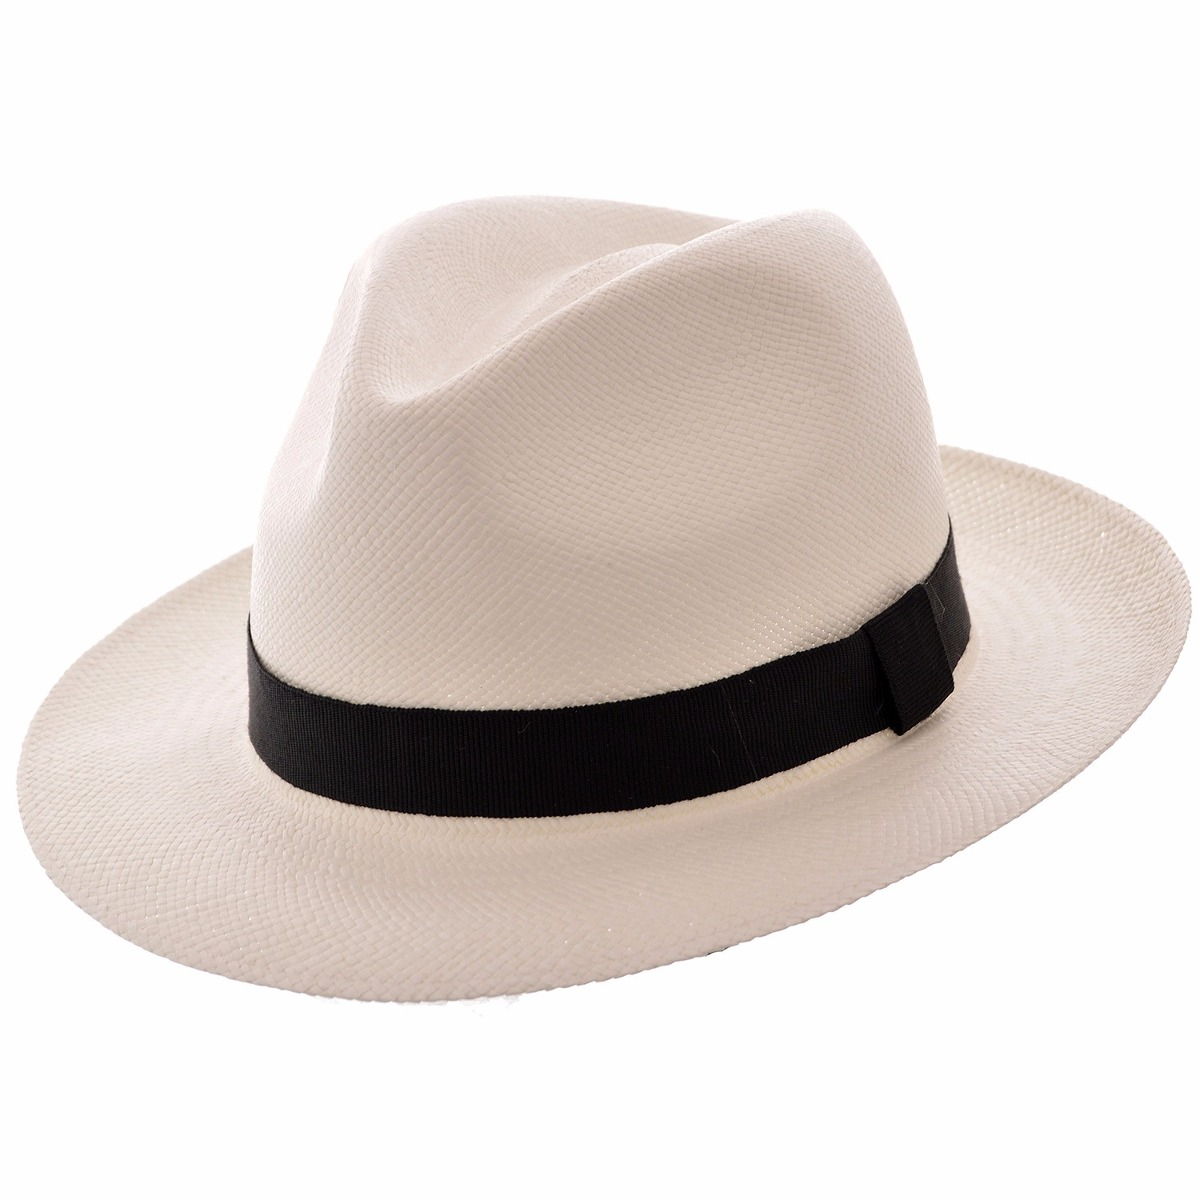 Sombrero Panama Original Compañia De Sombreros M-624501-01 - $ 3.100 ...